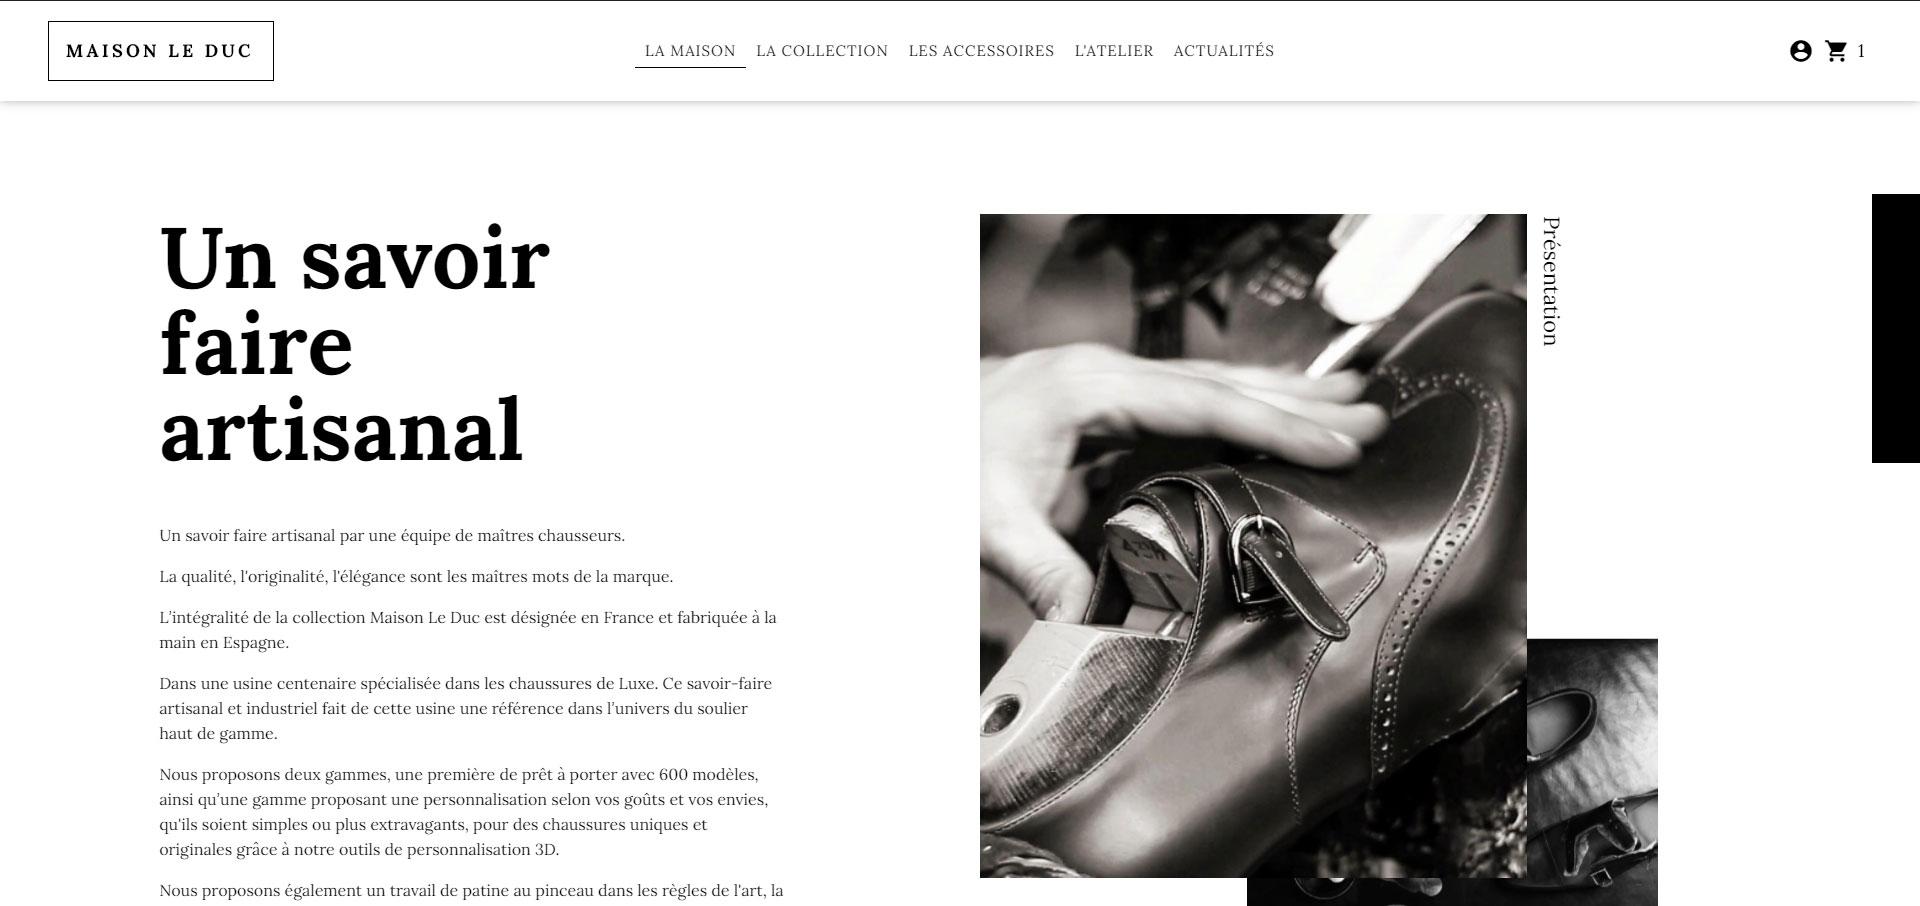 Maison Le Duc - Vente en ligne de chaussures de luxe de fabrication artisanale